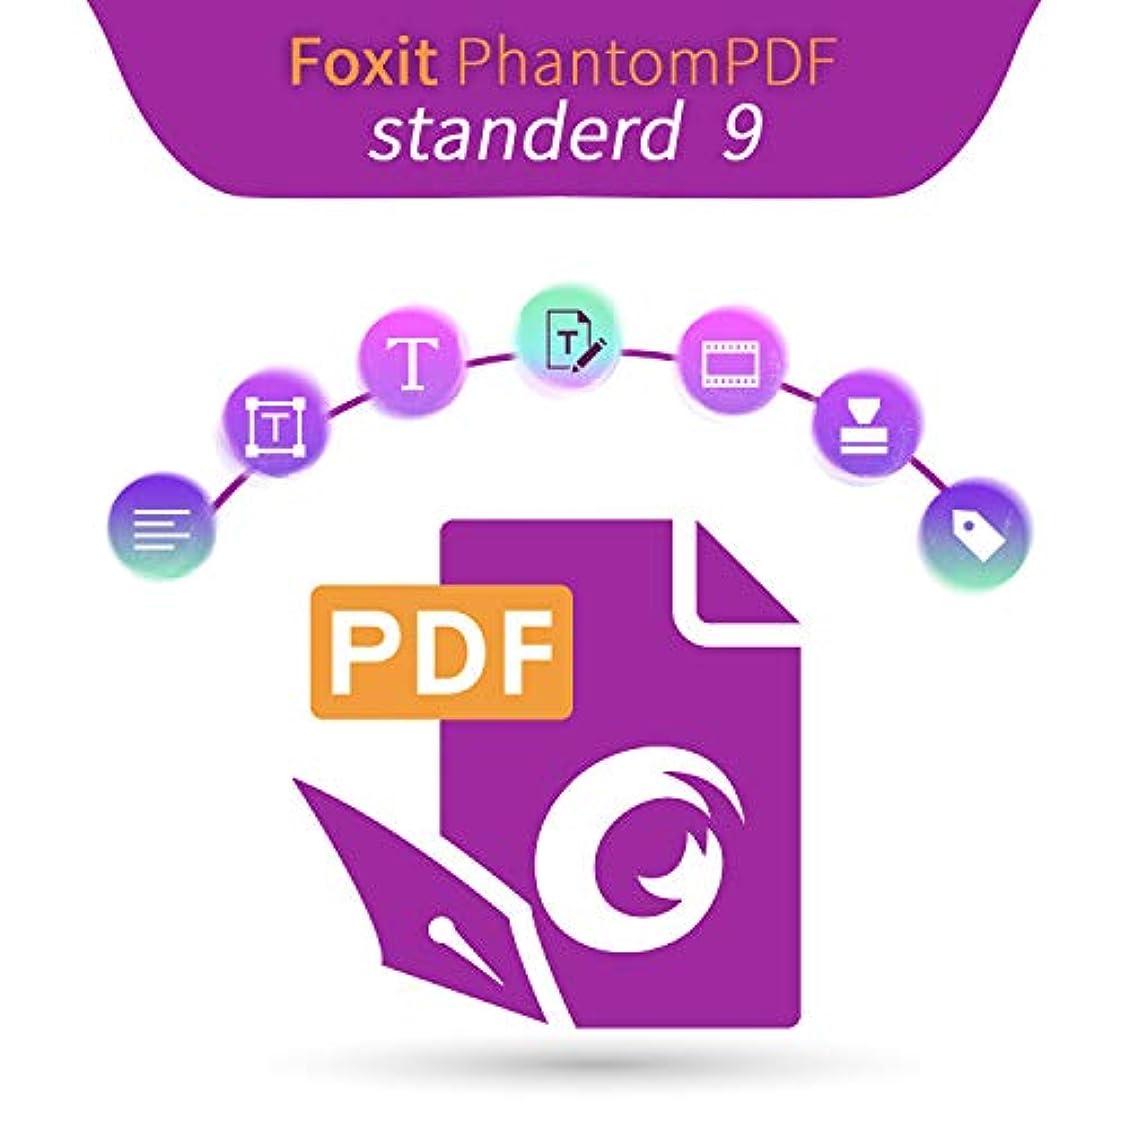 貫通する免除まっすぐFoxit PhantomPDF 9.x Standard|日本語版|ダウンロード版